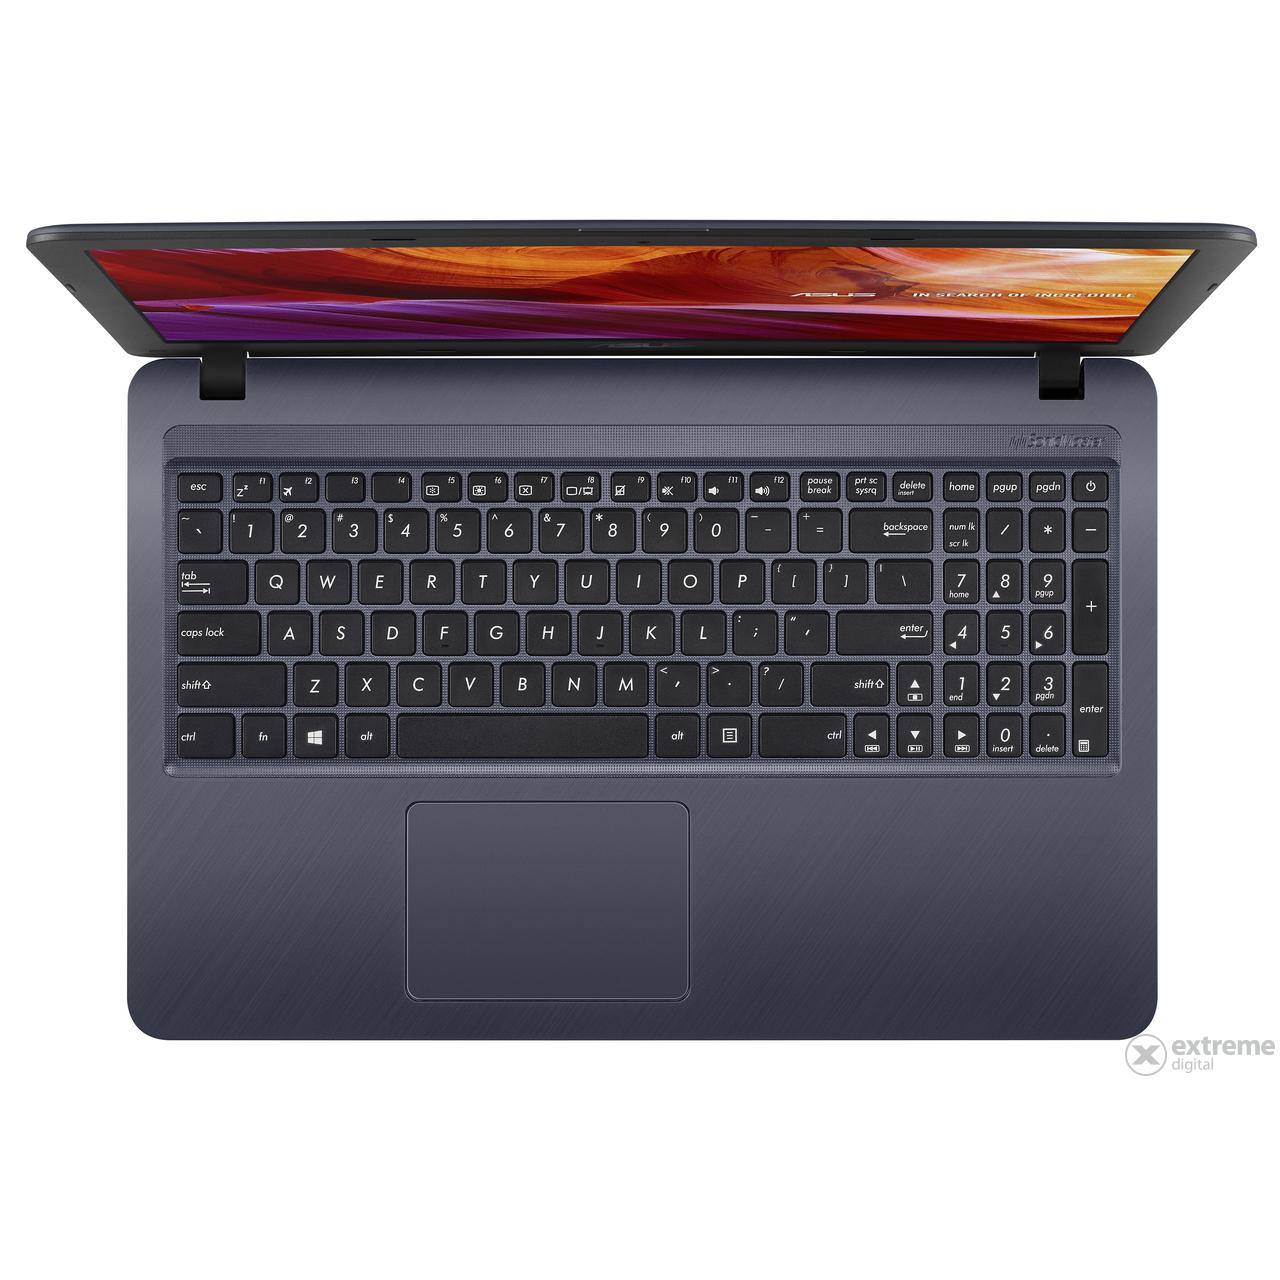 d586dcd70c43 Asus VivoBook X543UA-GQ1708TC notebook, sötétszürke   Extreme Digital